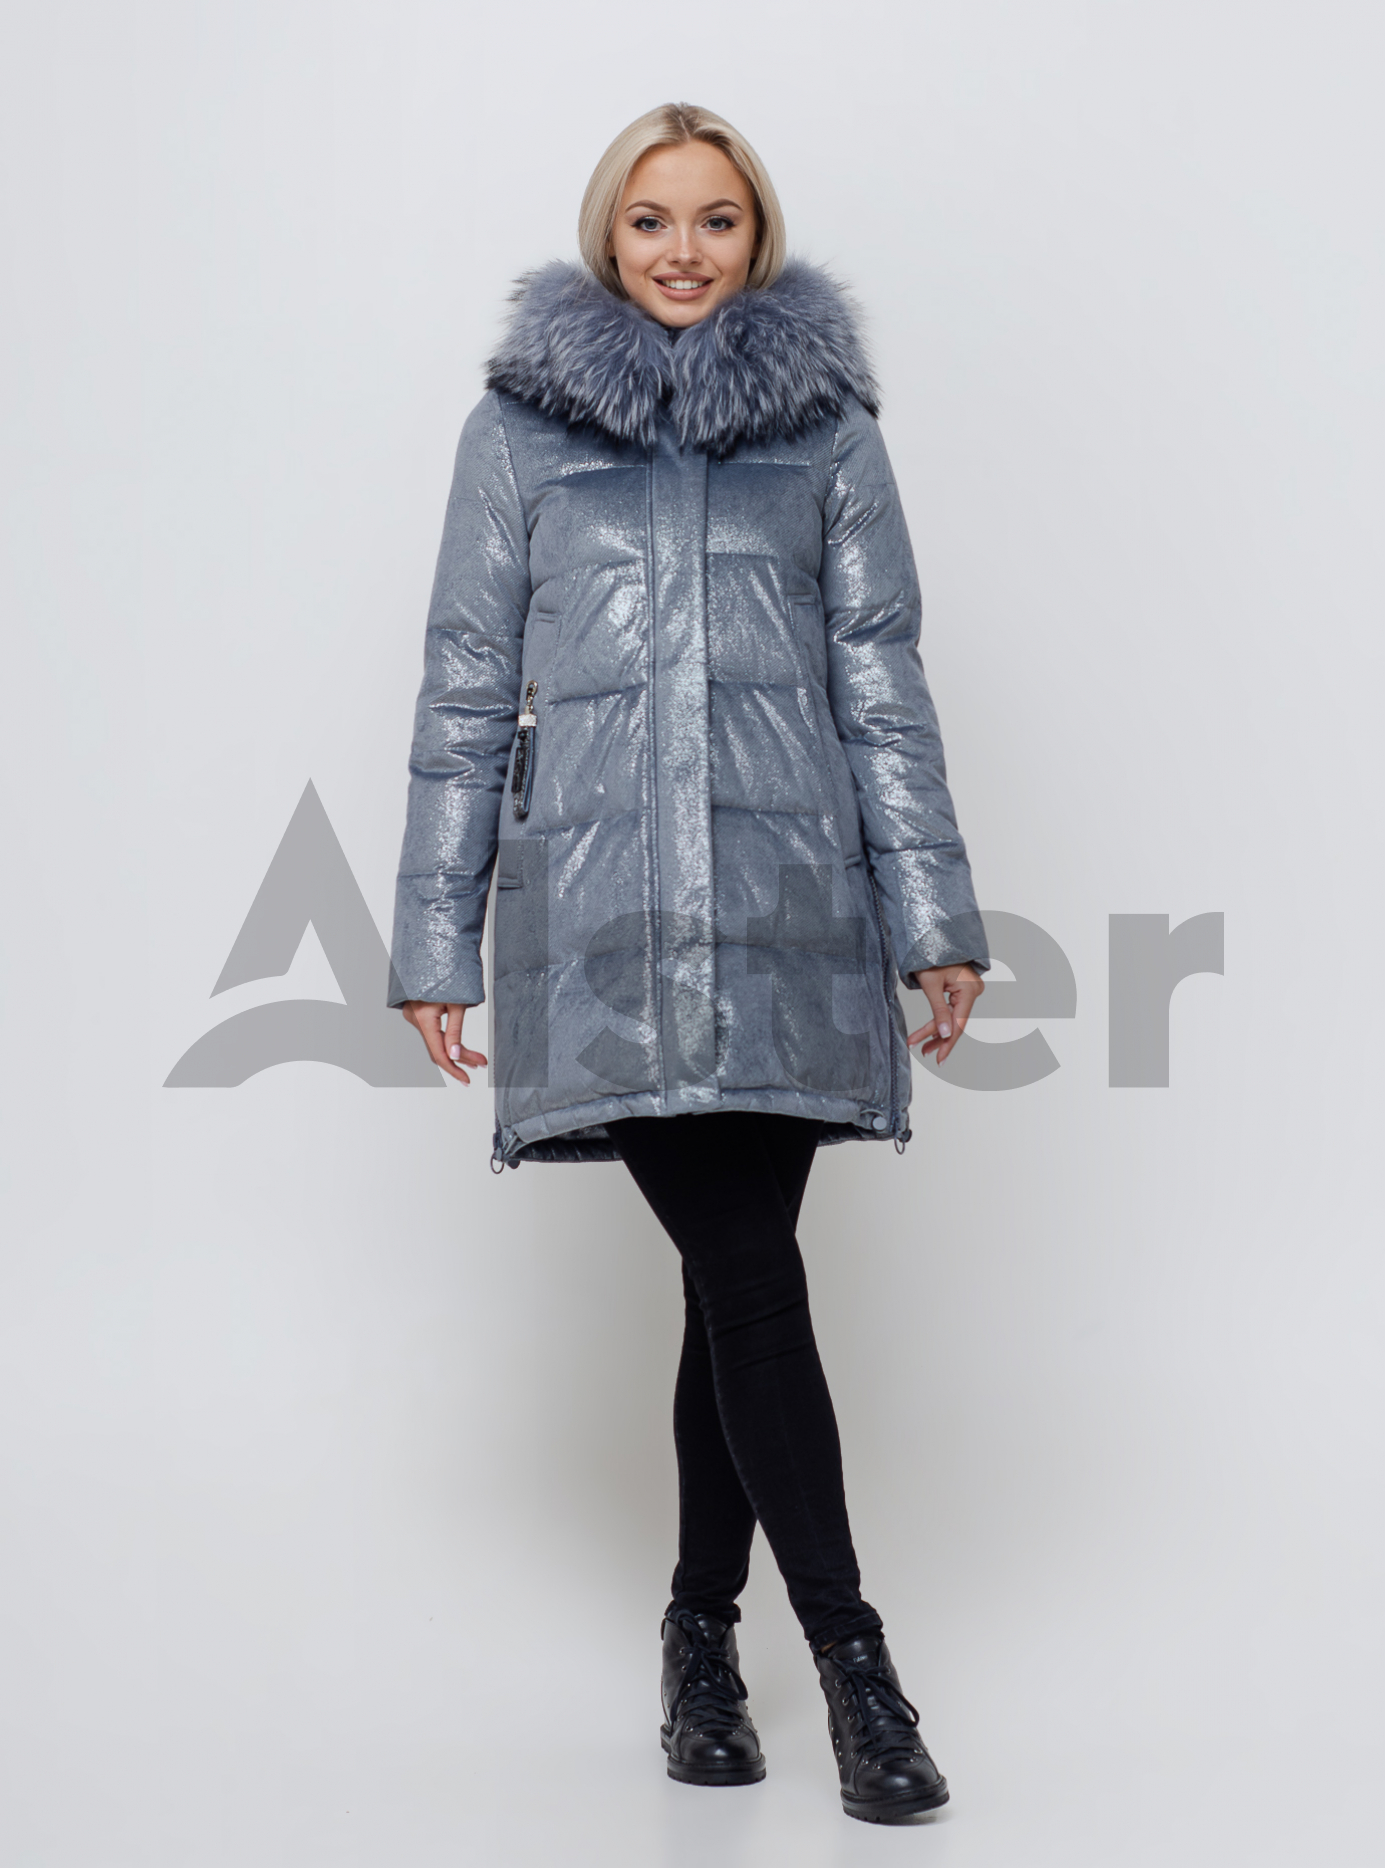 Женская зимняя куртка с мехом Серо-голубой S (05-SV201084): фото - Alster.ua